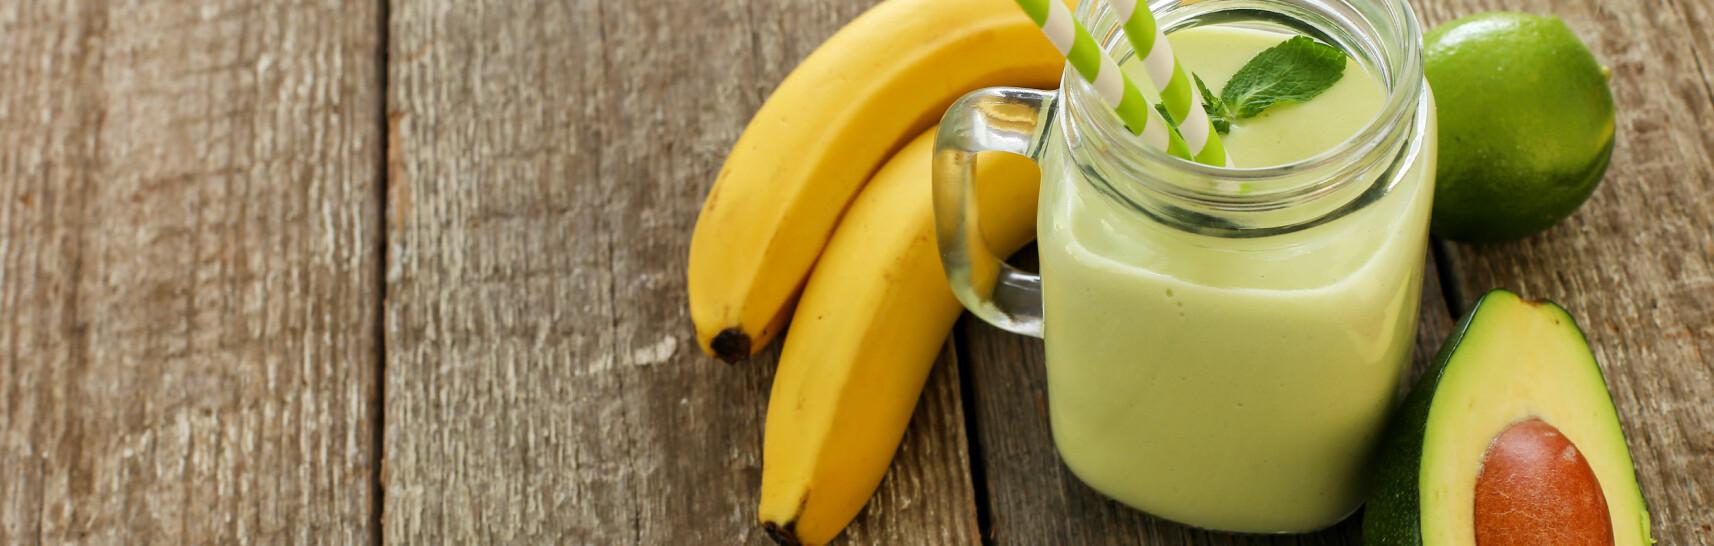 SMOOTHIE: Skal du få sterkere hår og negler, er avokado en nøkkel-ingrediens i smoothien din. FOTO: Fotolia